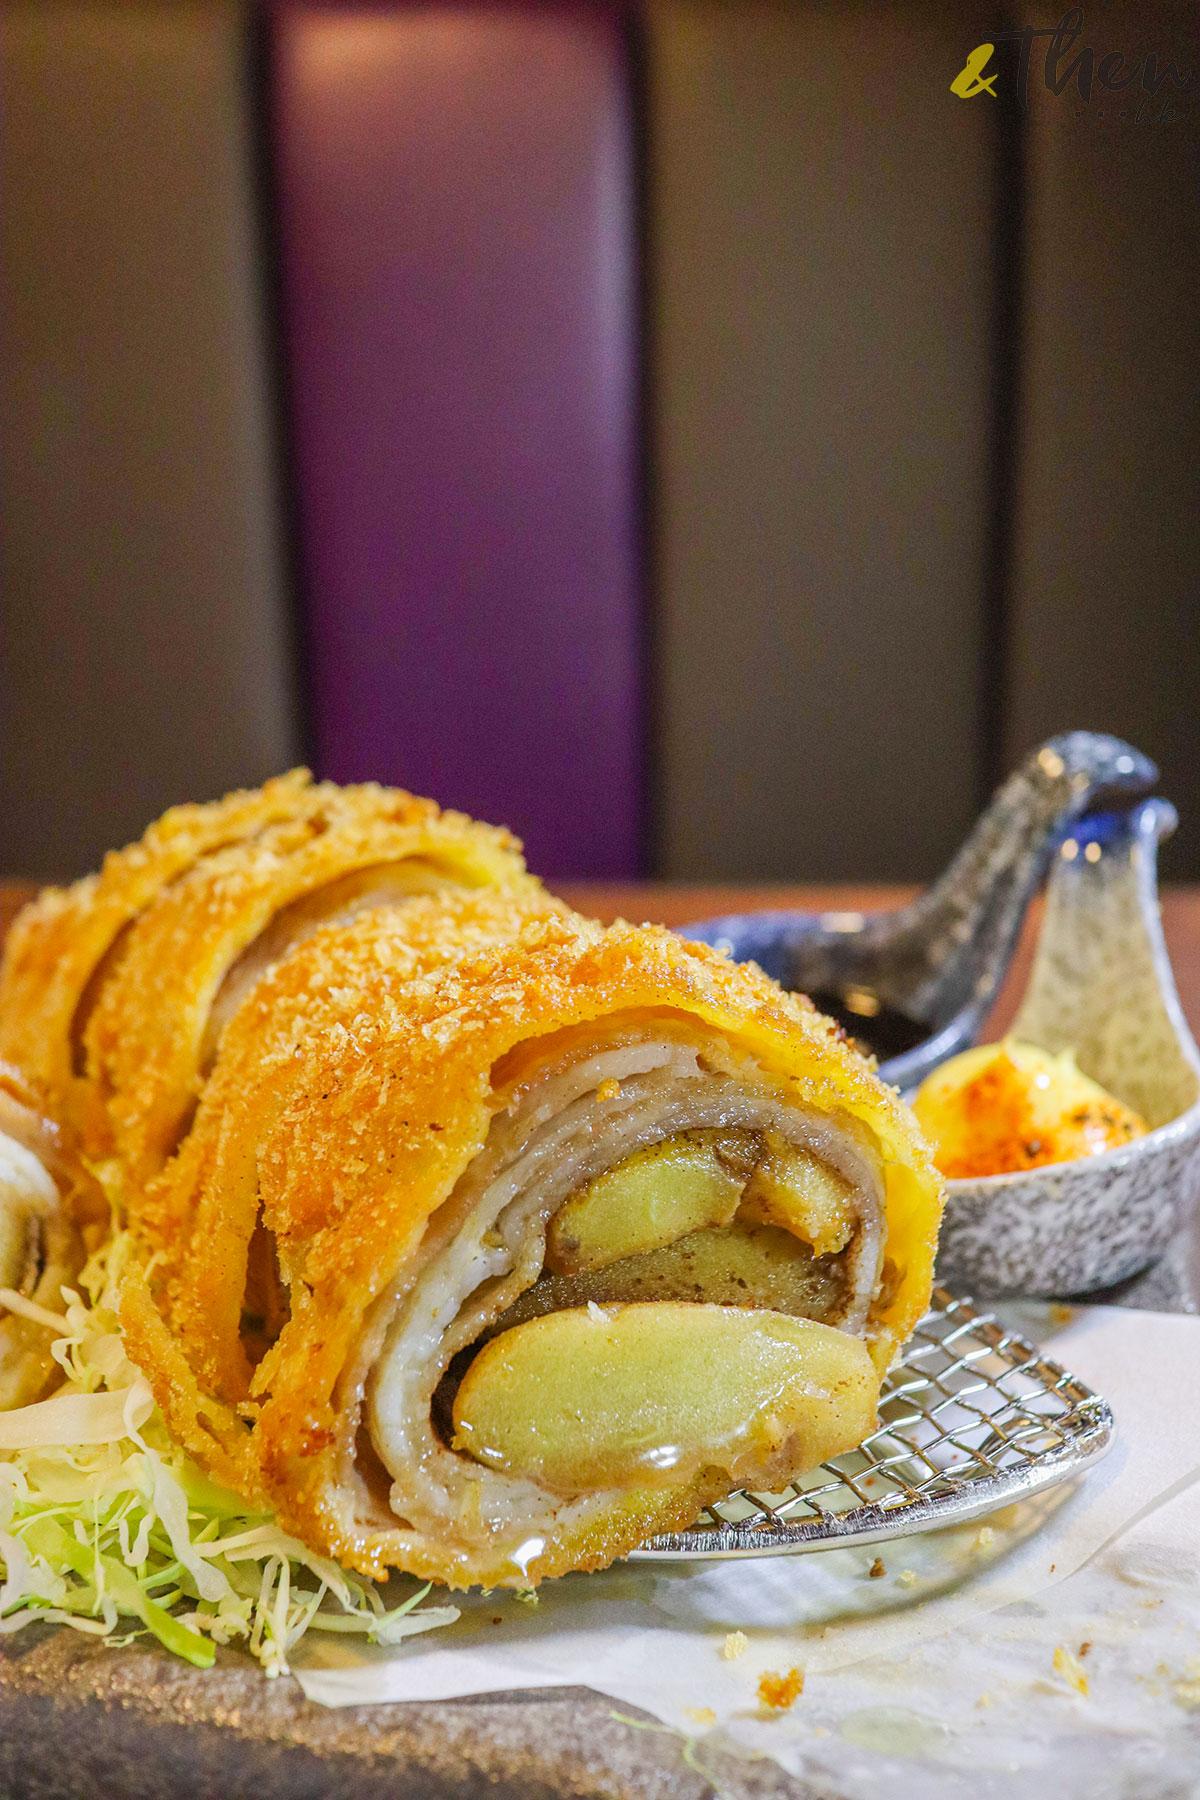 銅鑼灣 居酒屋 日式料理 申子 獅子山下 吉列千層豚肉卷 豚肉卷